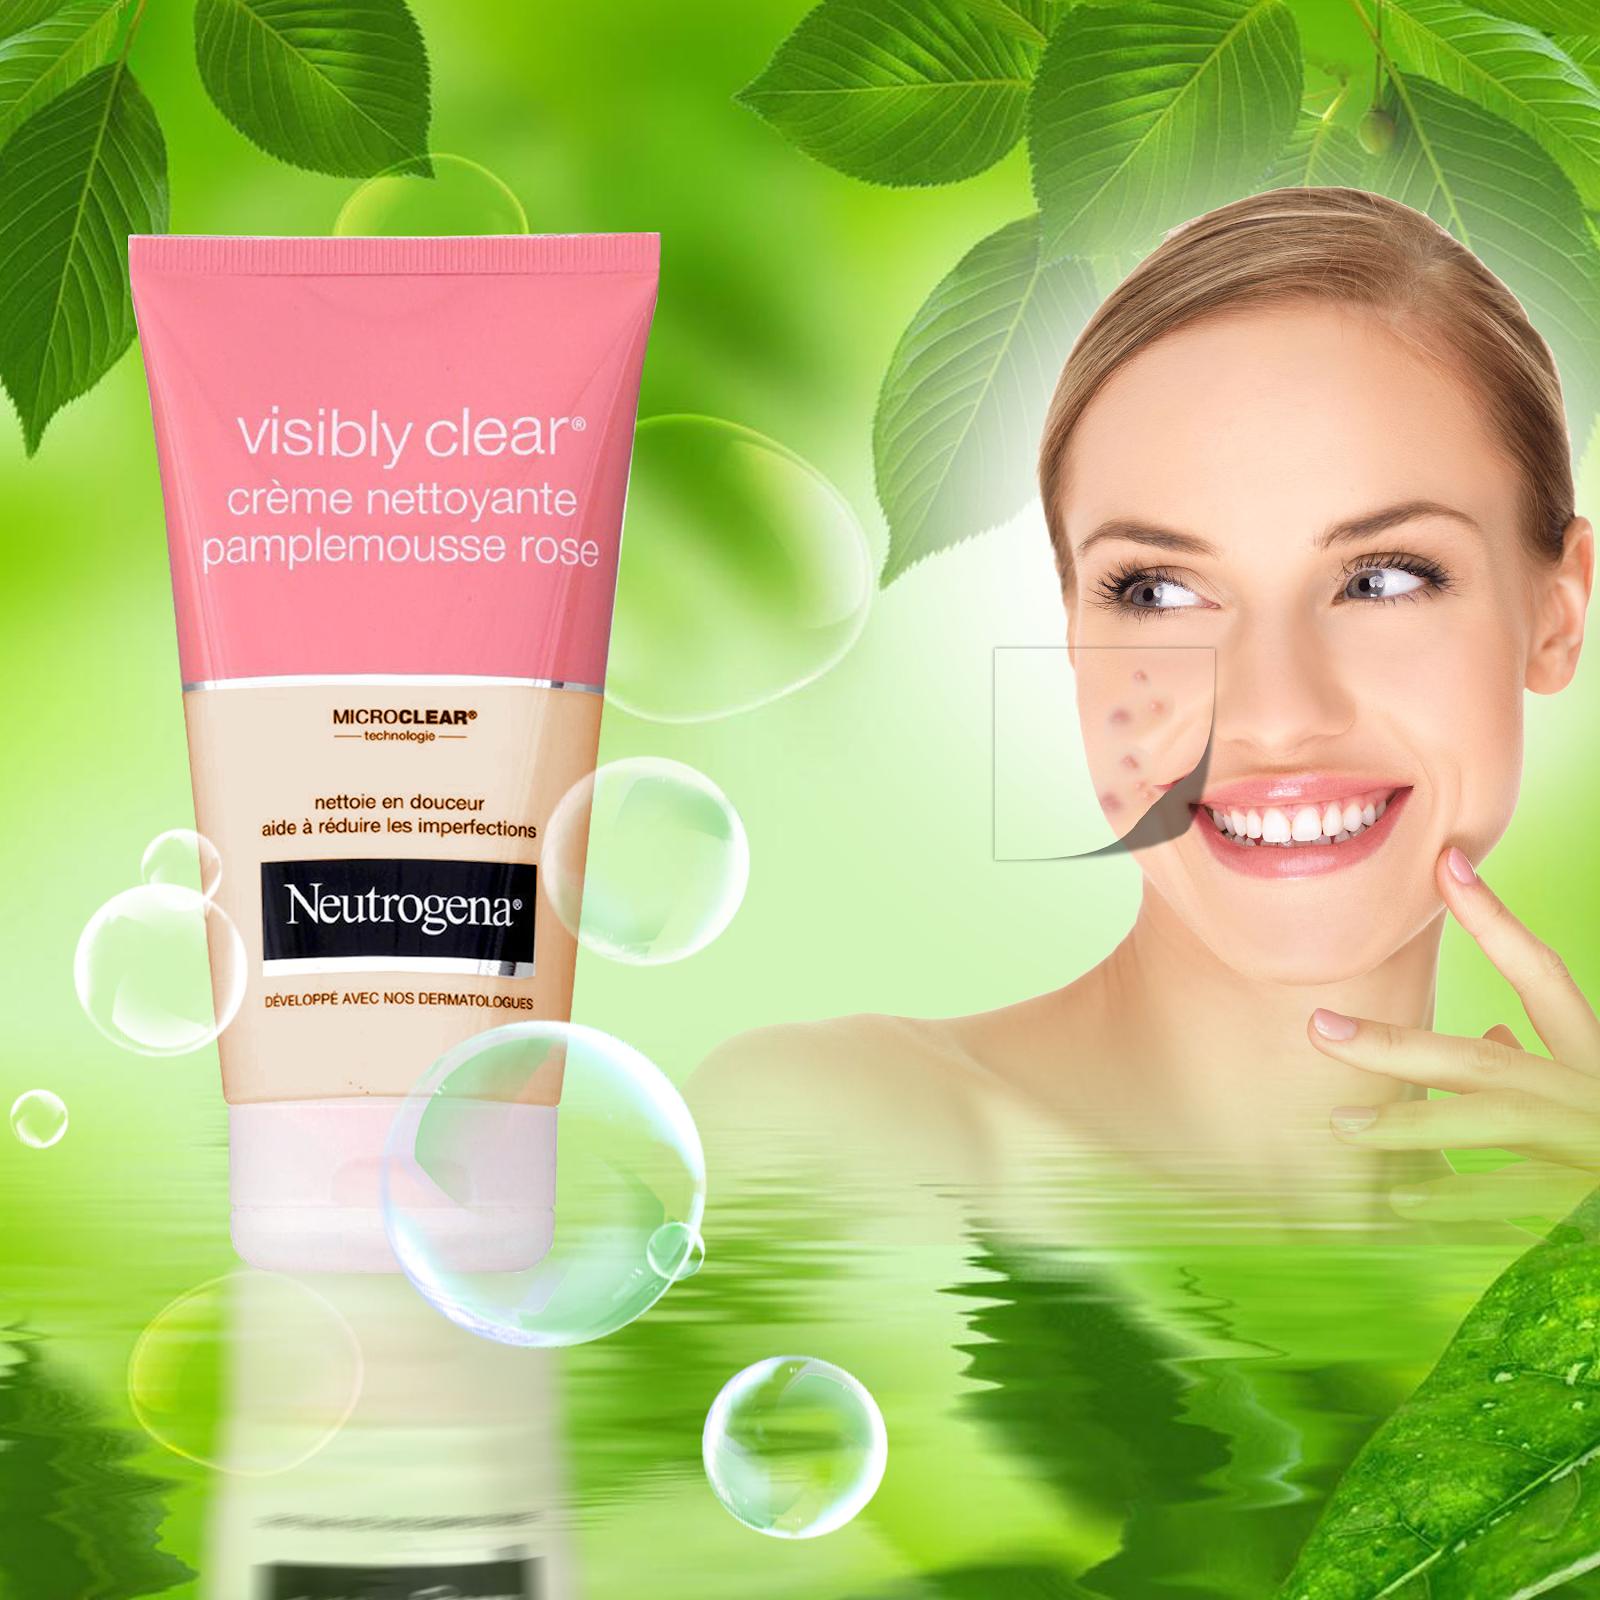 Sử dụng SRM Neutrogena Visibly Clear đúng cách để có làn da đẹp